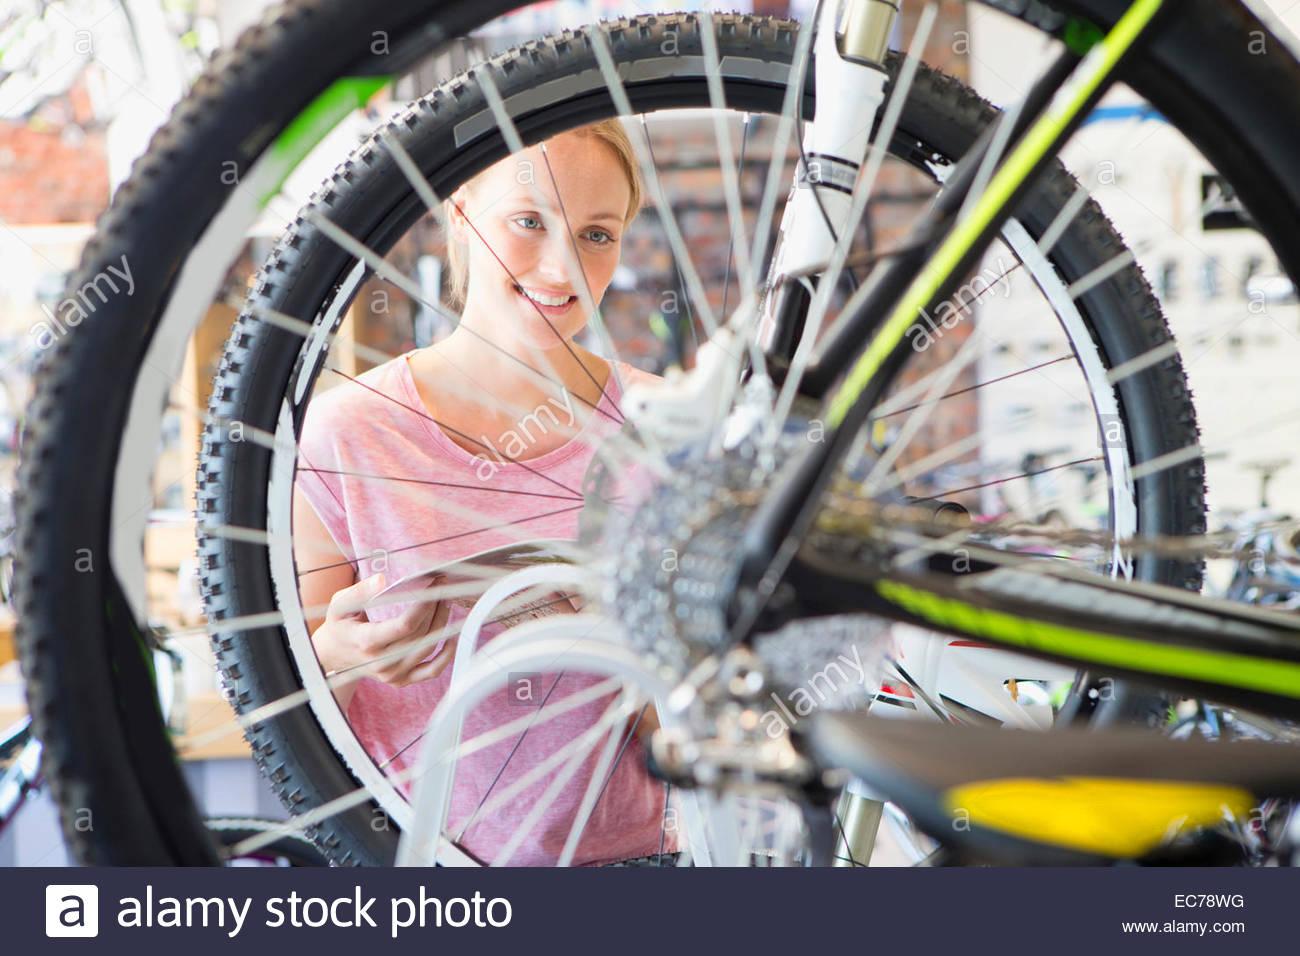 Clienta en la tienda eligiendo una bicicleta Imagen De Stock